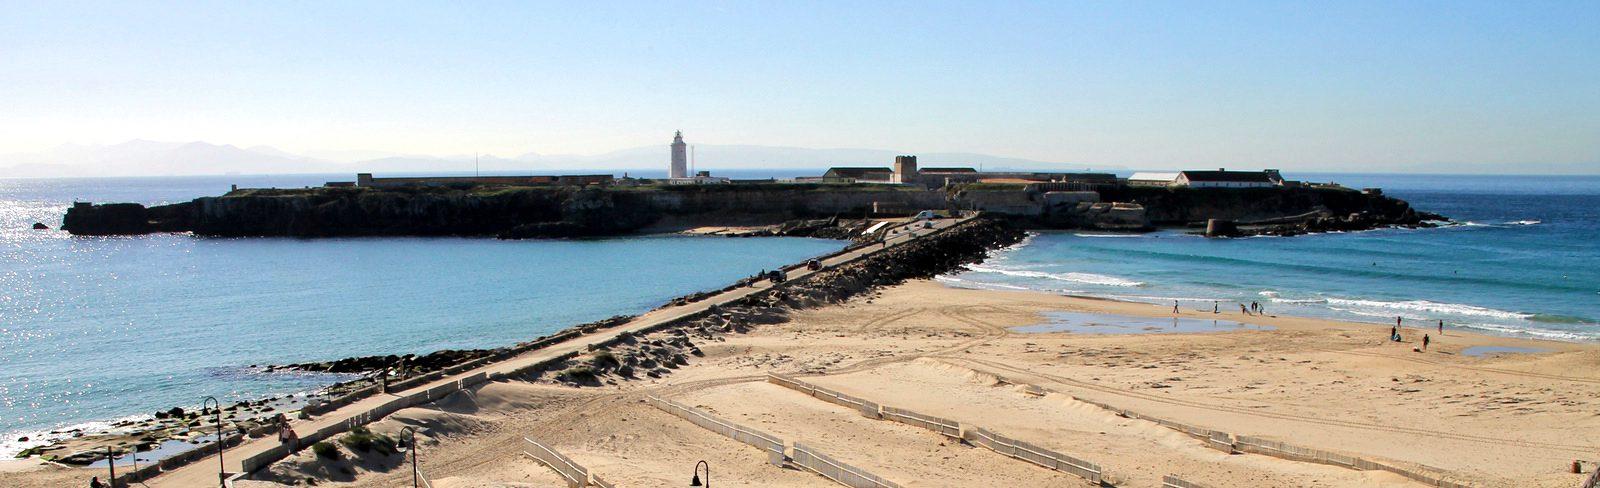 Vista panorámica de la isla de las Palomas, en Tarifa crop.jpg